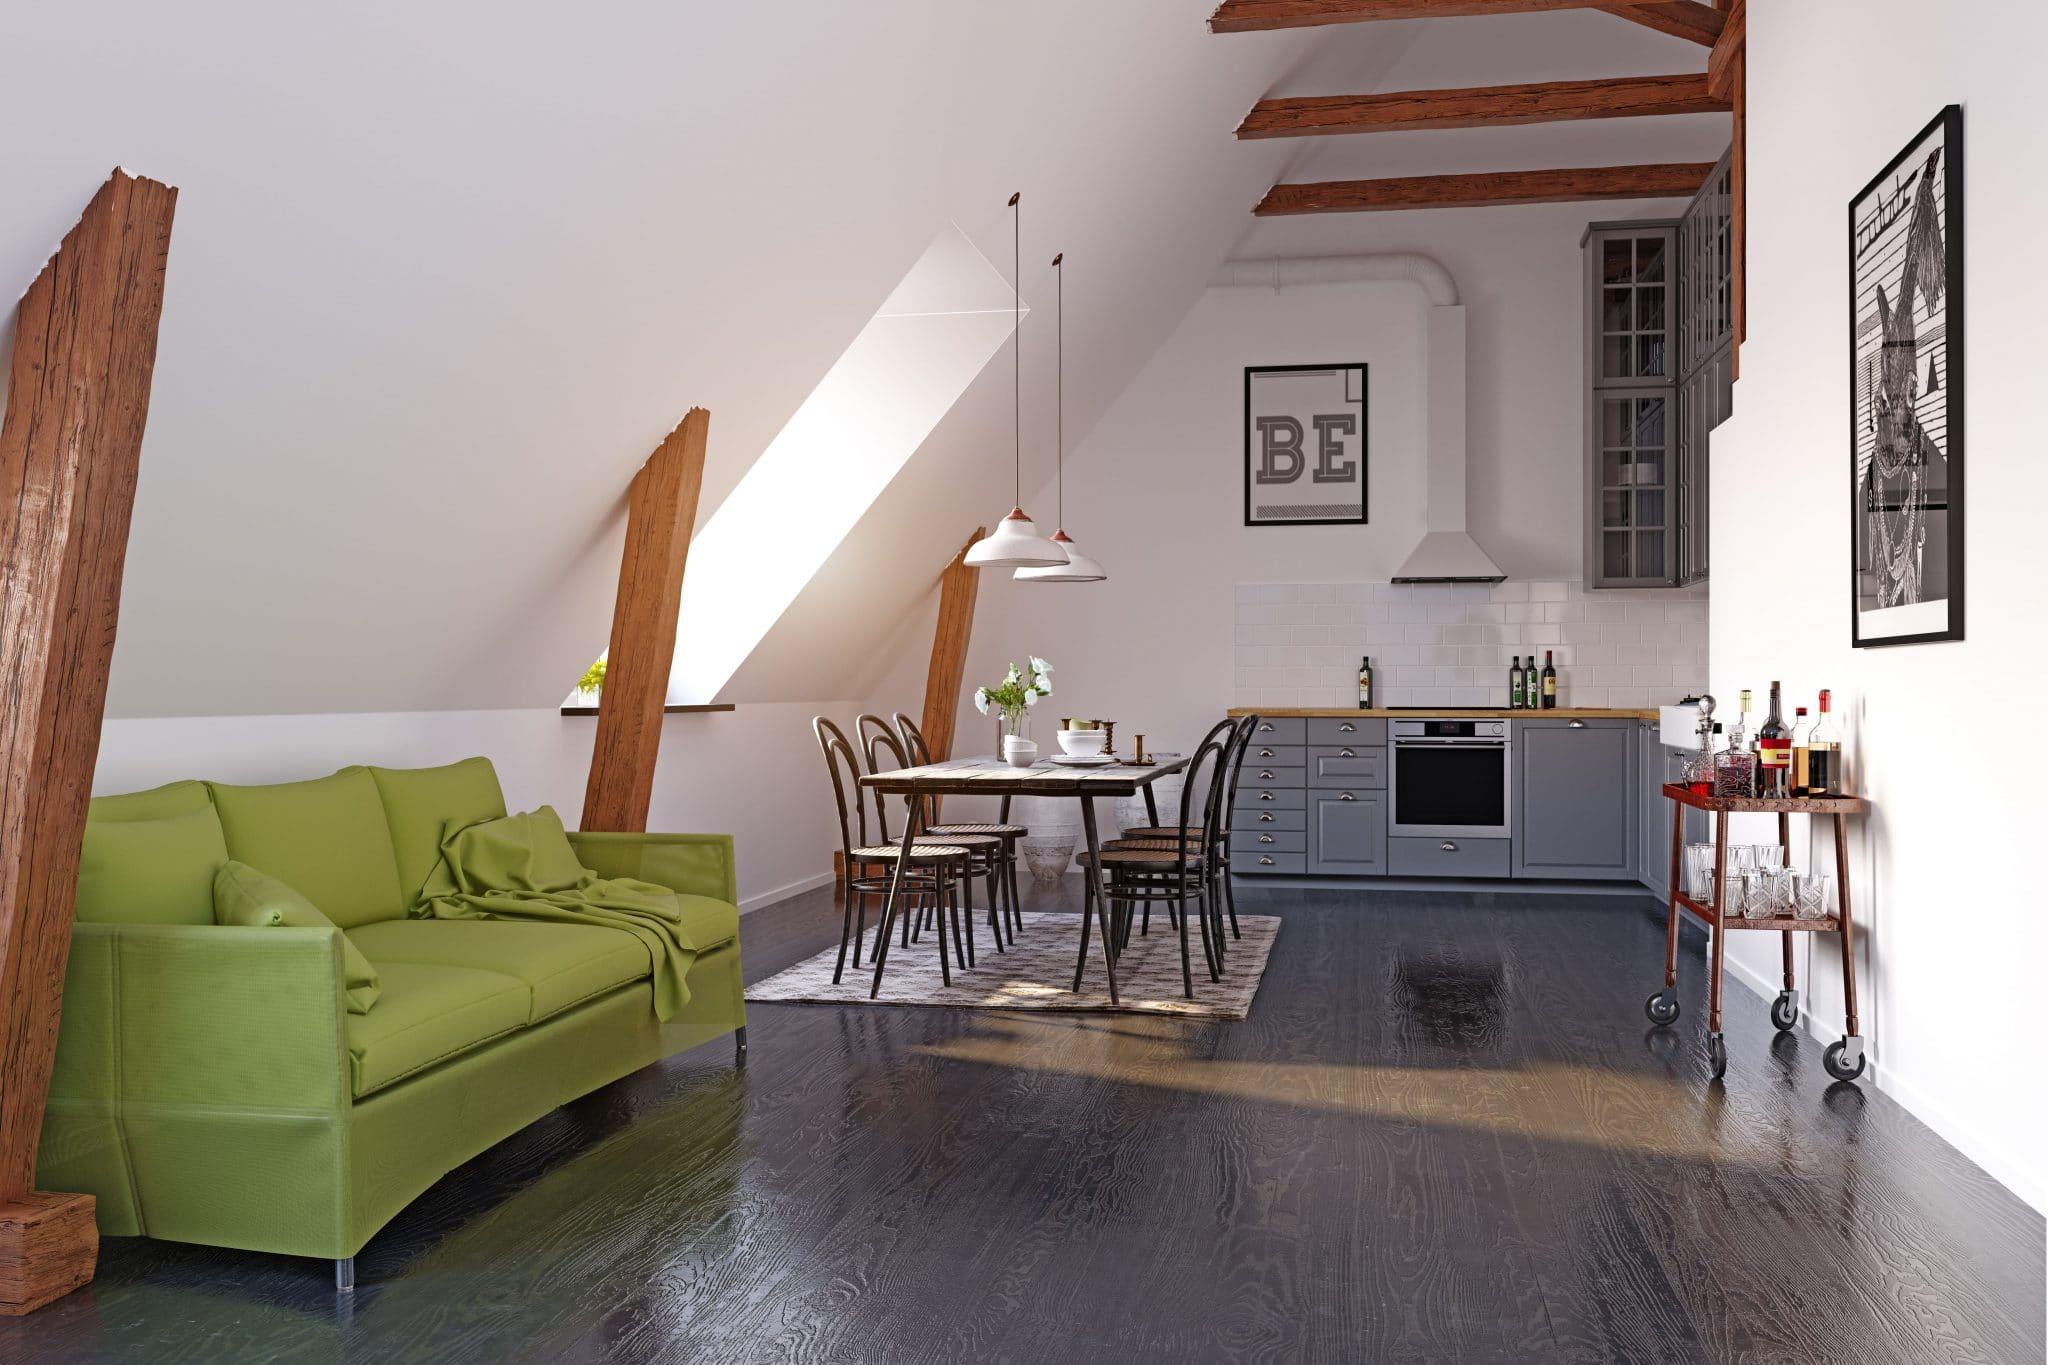 Extension de maison à Brive-la-Gaillarde (19)